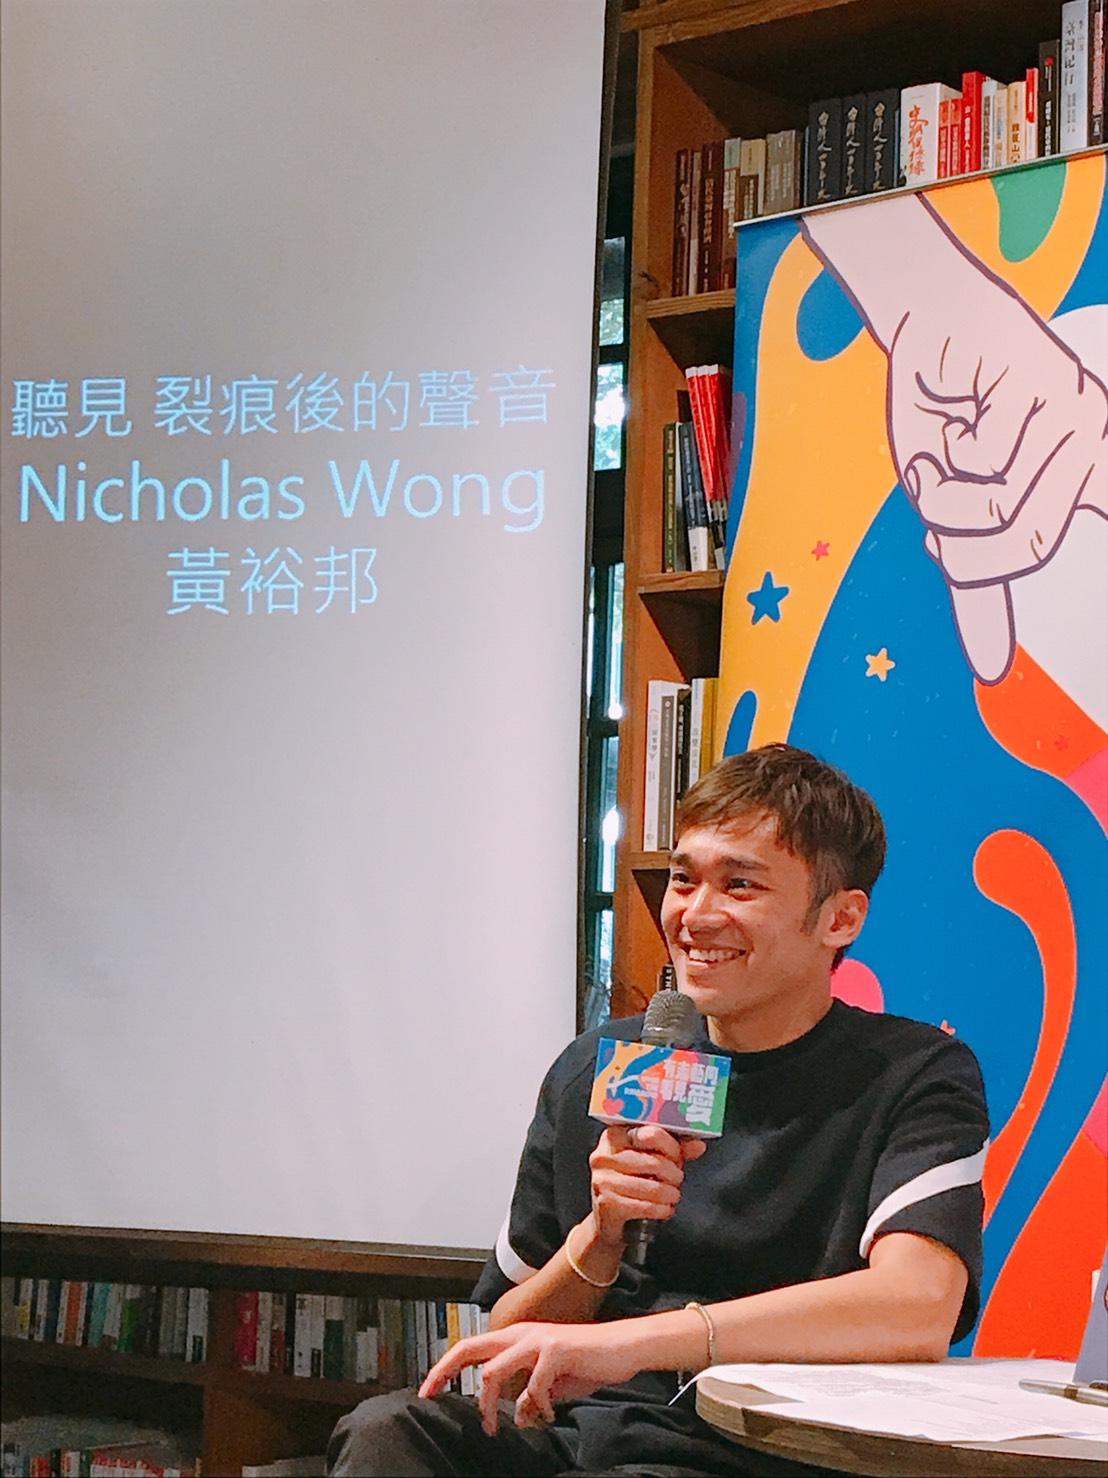 「有志藝同看見愛」彩虹分享座談會 邀香港詩人黃裕邦談同志文學 | Fanily 粉絲玩樂